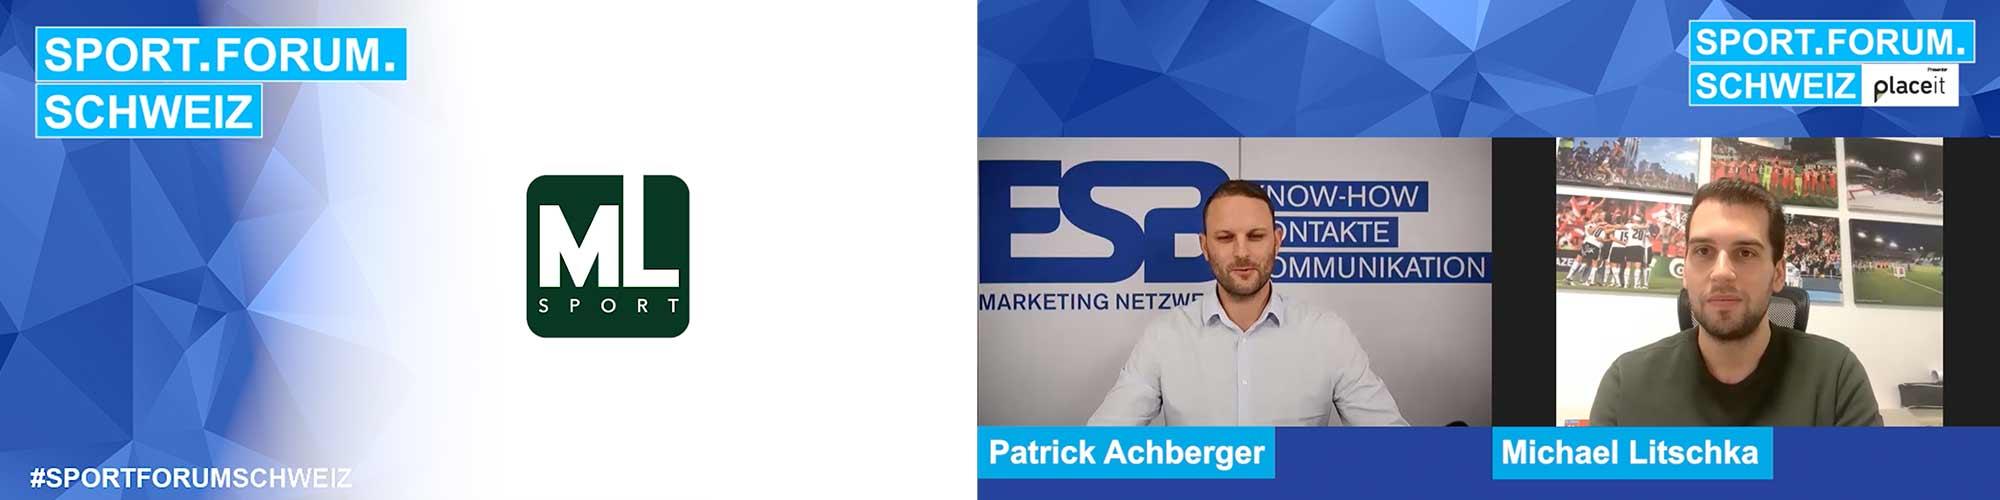 ml_marketing_artikel_banner